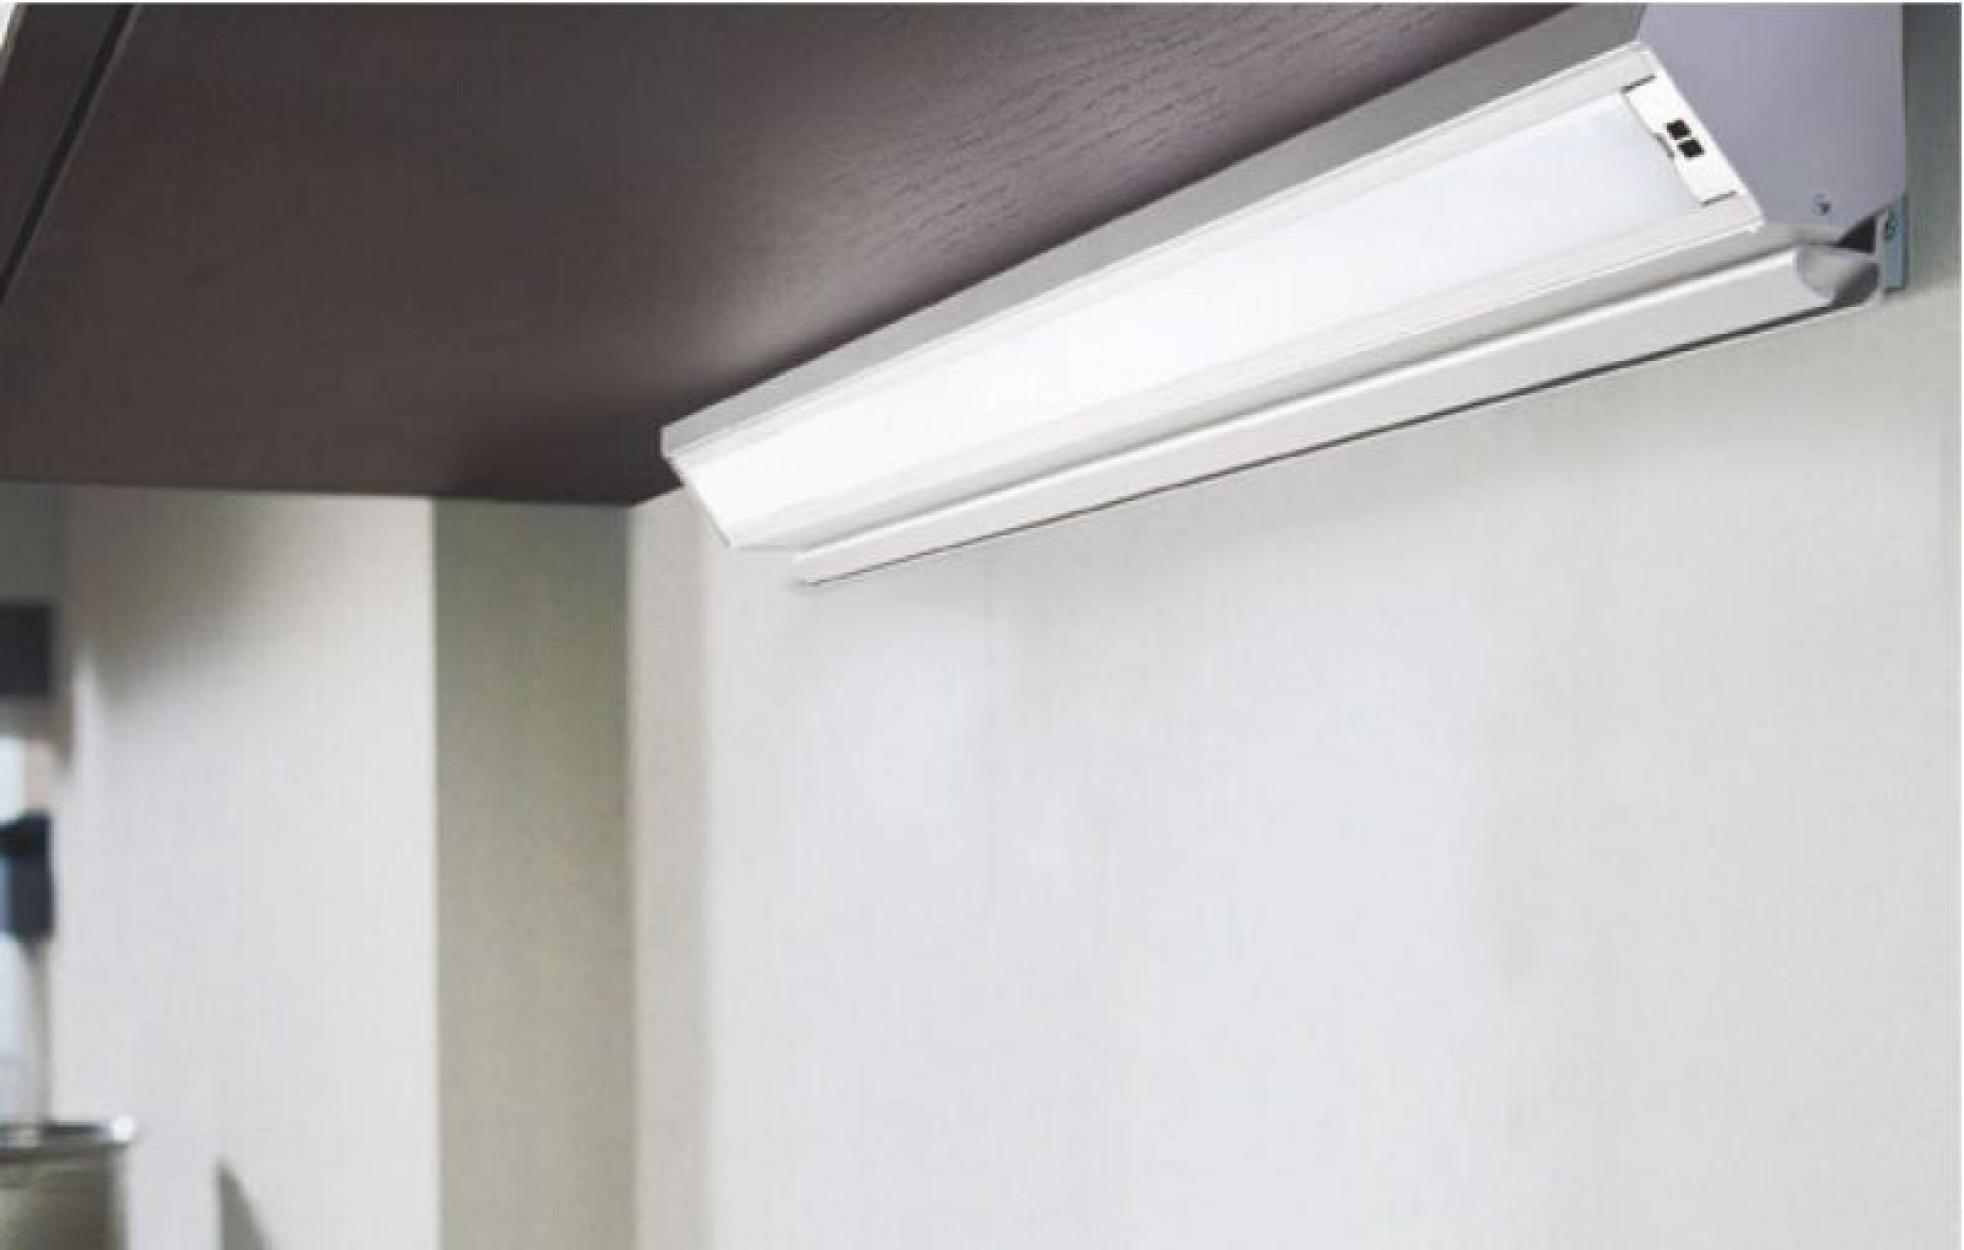 Светильник Corner светодиодный с розеткой для модуля 450mm 220-240V 4.5W 3000K (Теплый свет) 39LEDs, анодированный алюминий